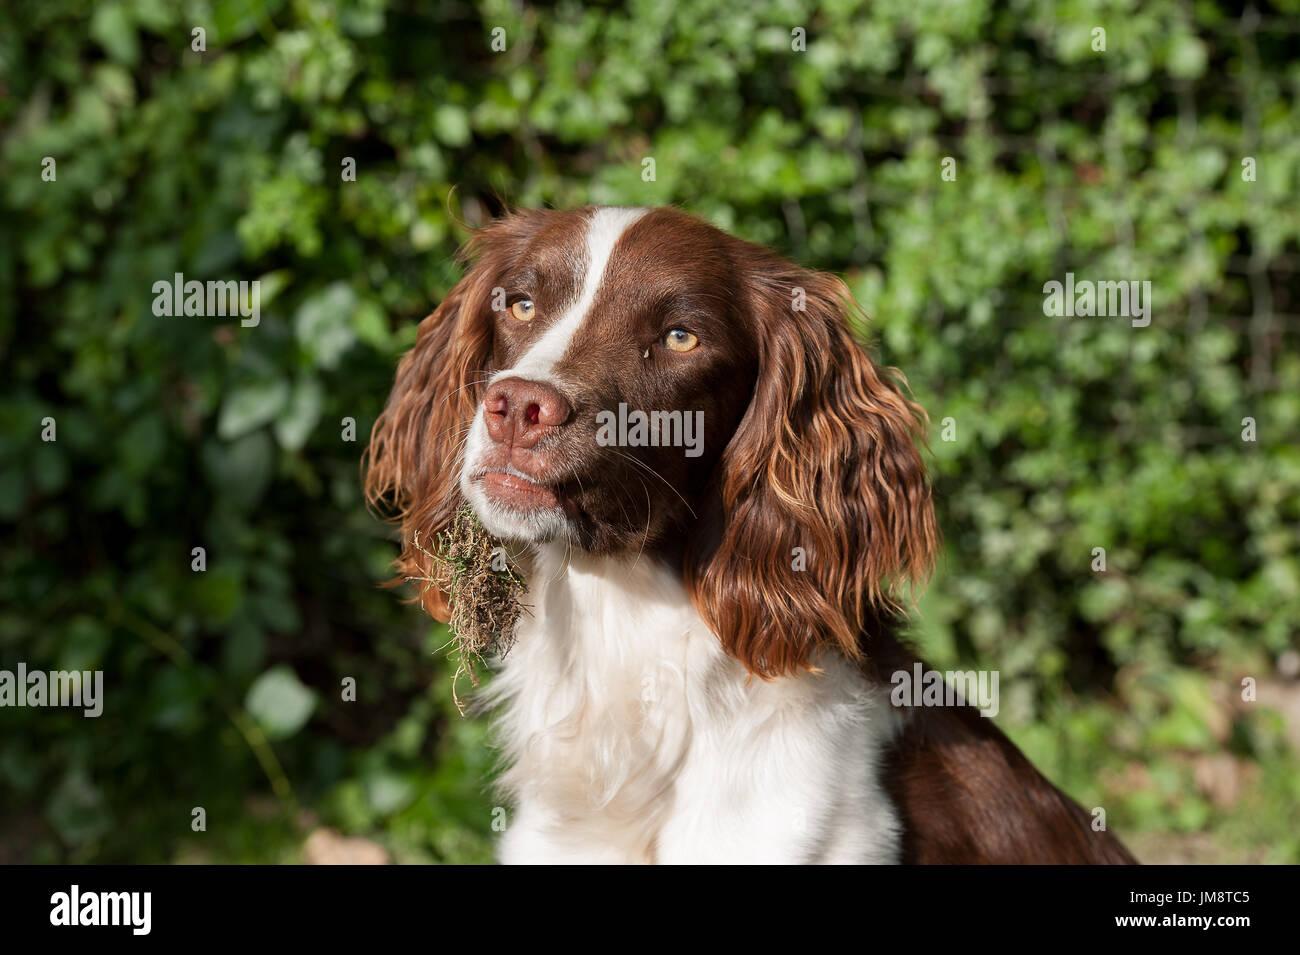 Springer spaniel in a field - Stock Image